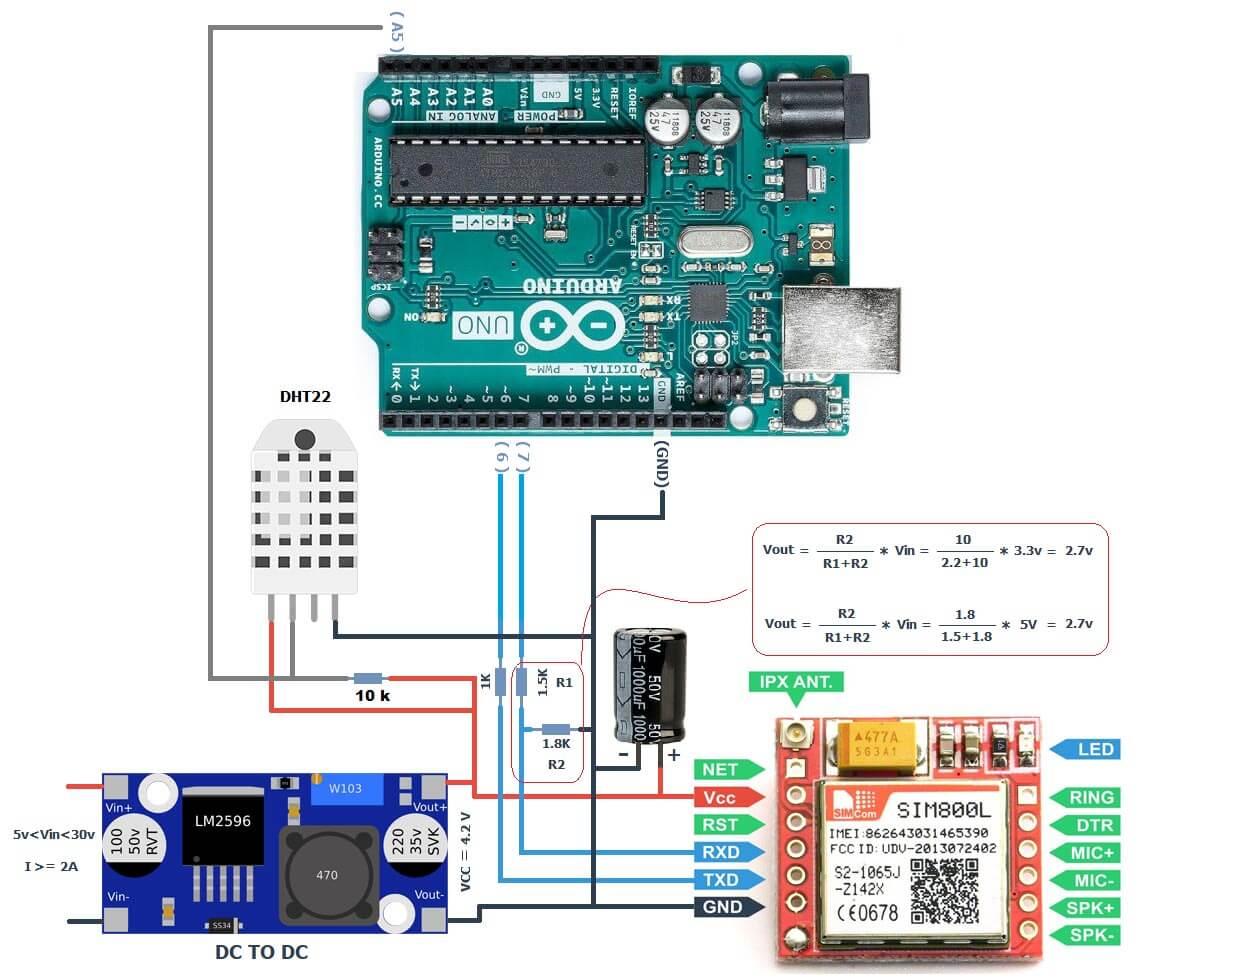 ارسال دیتا به سرور توسط SIM800 با آردوینو